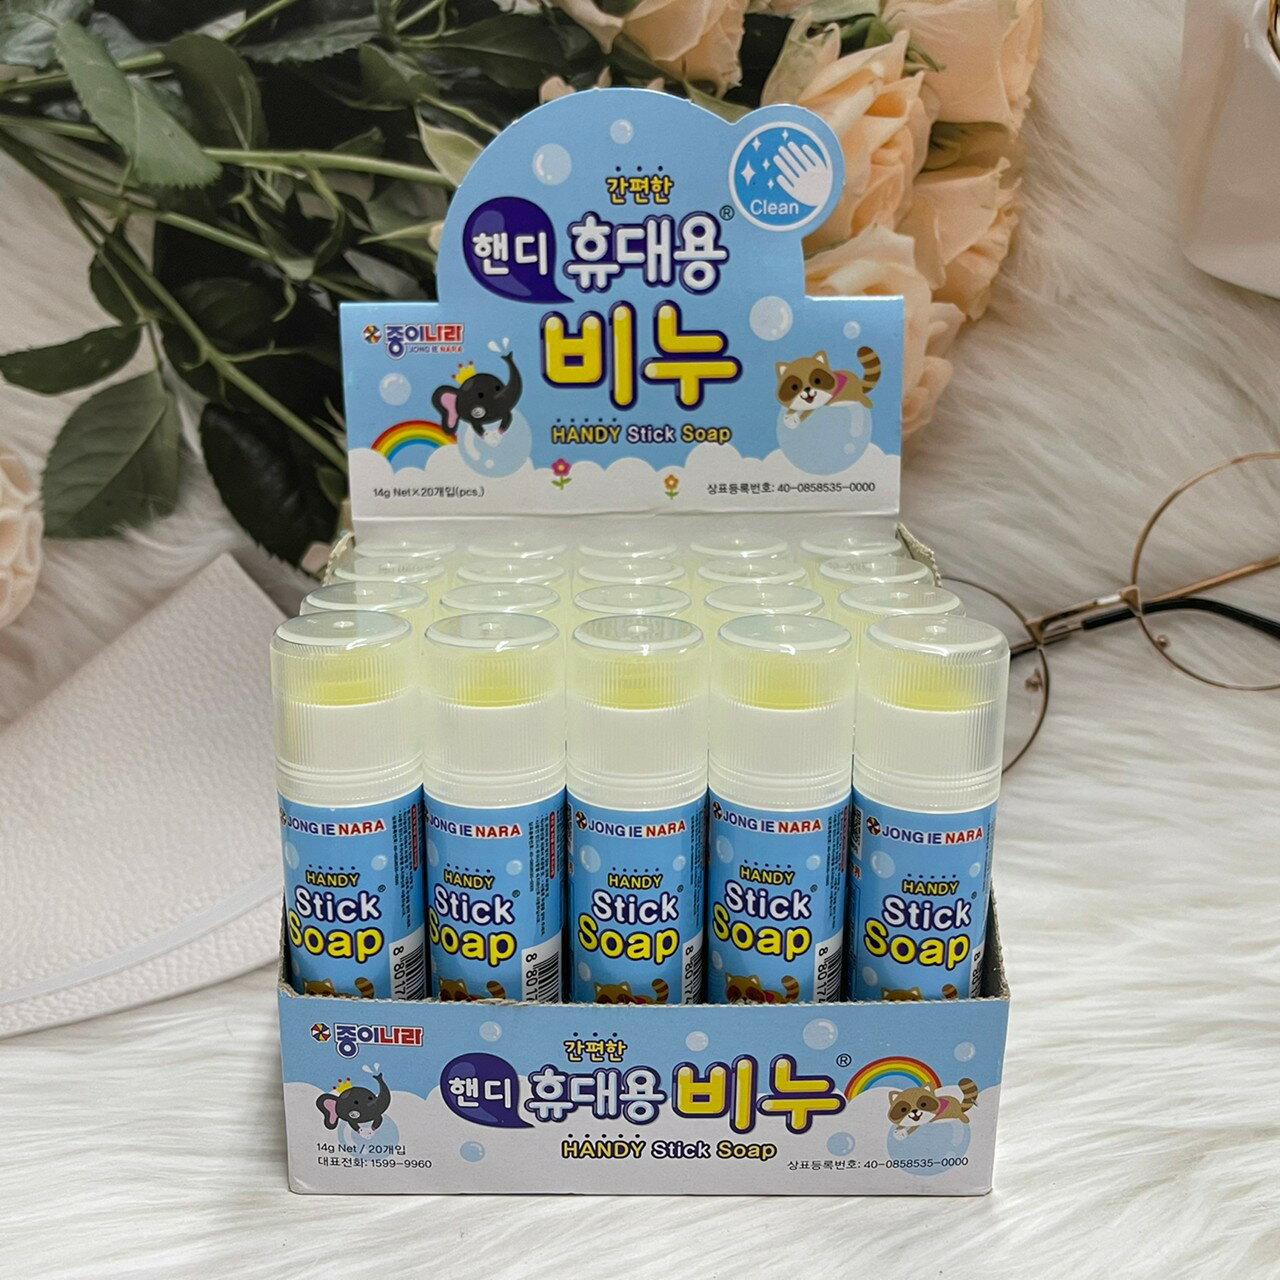 韓國 JONG IN NARA 便攜式洗手香皂棒 隨身洗手香皂棒 外出用香皂 14.5g